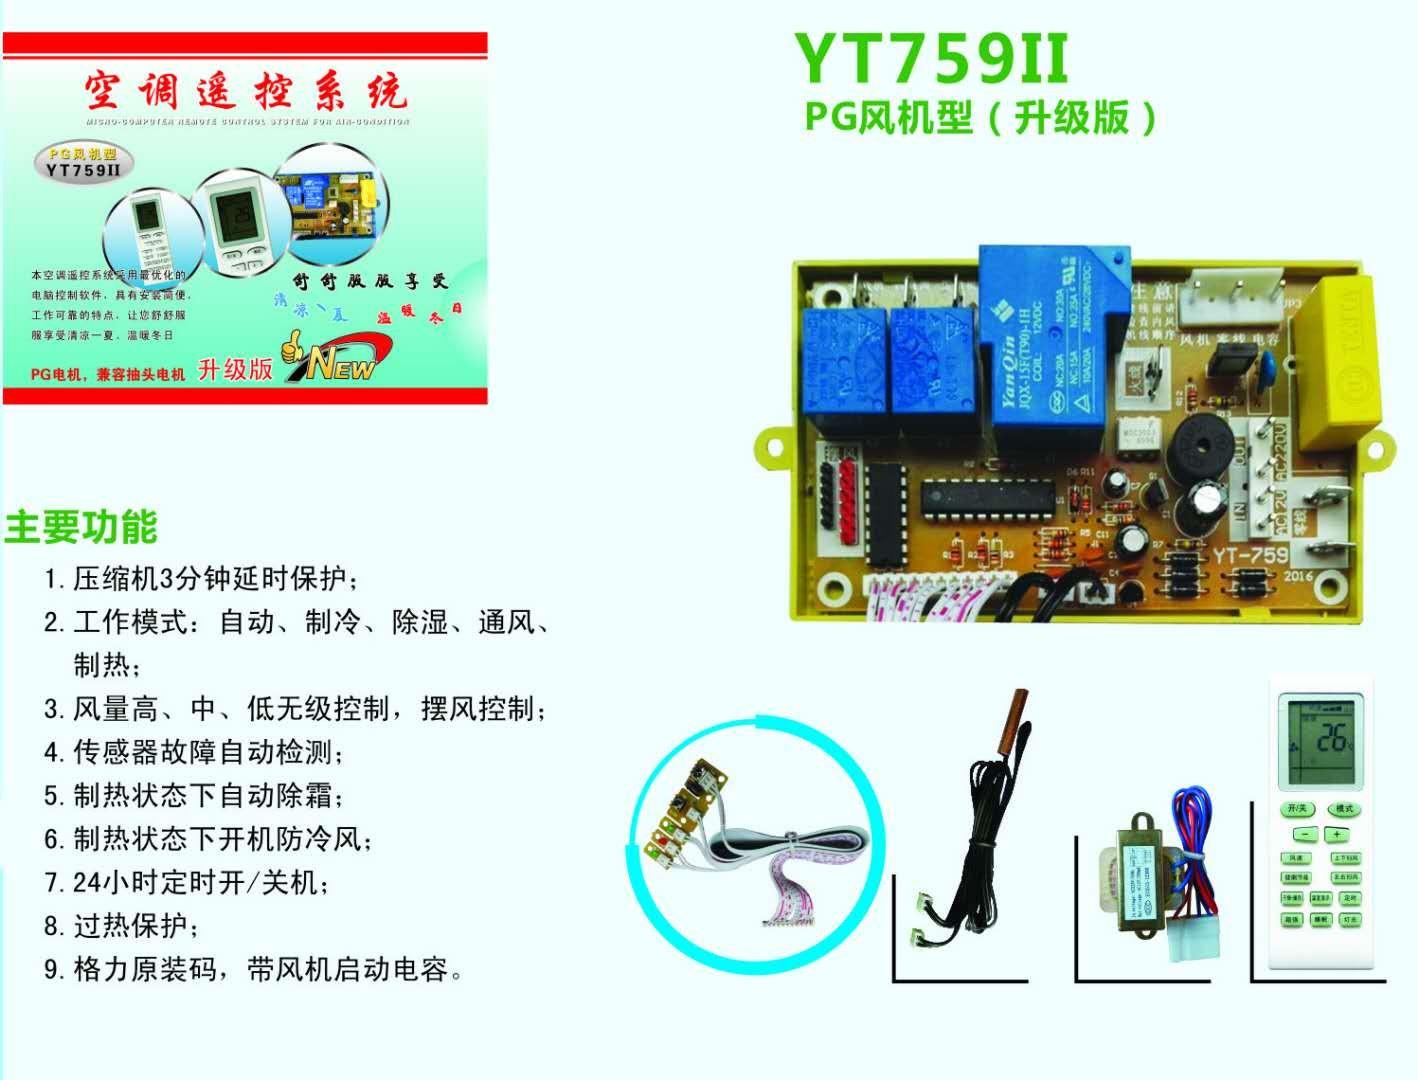 福州亿瑞特电子有限公司 通用空调遥控系统YT759II PG风机型(升级版)